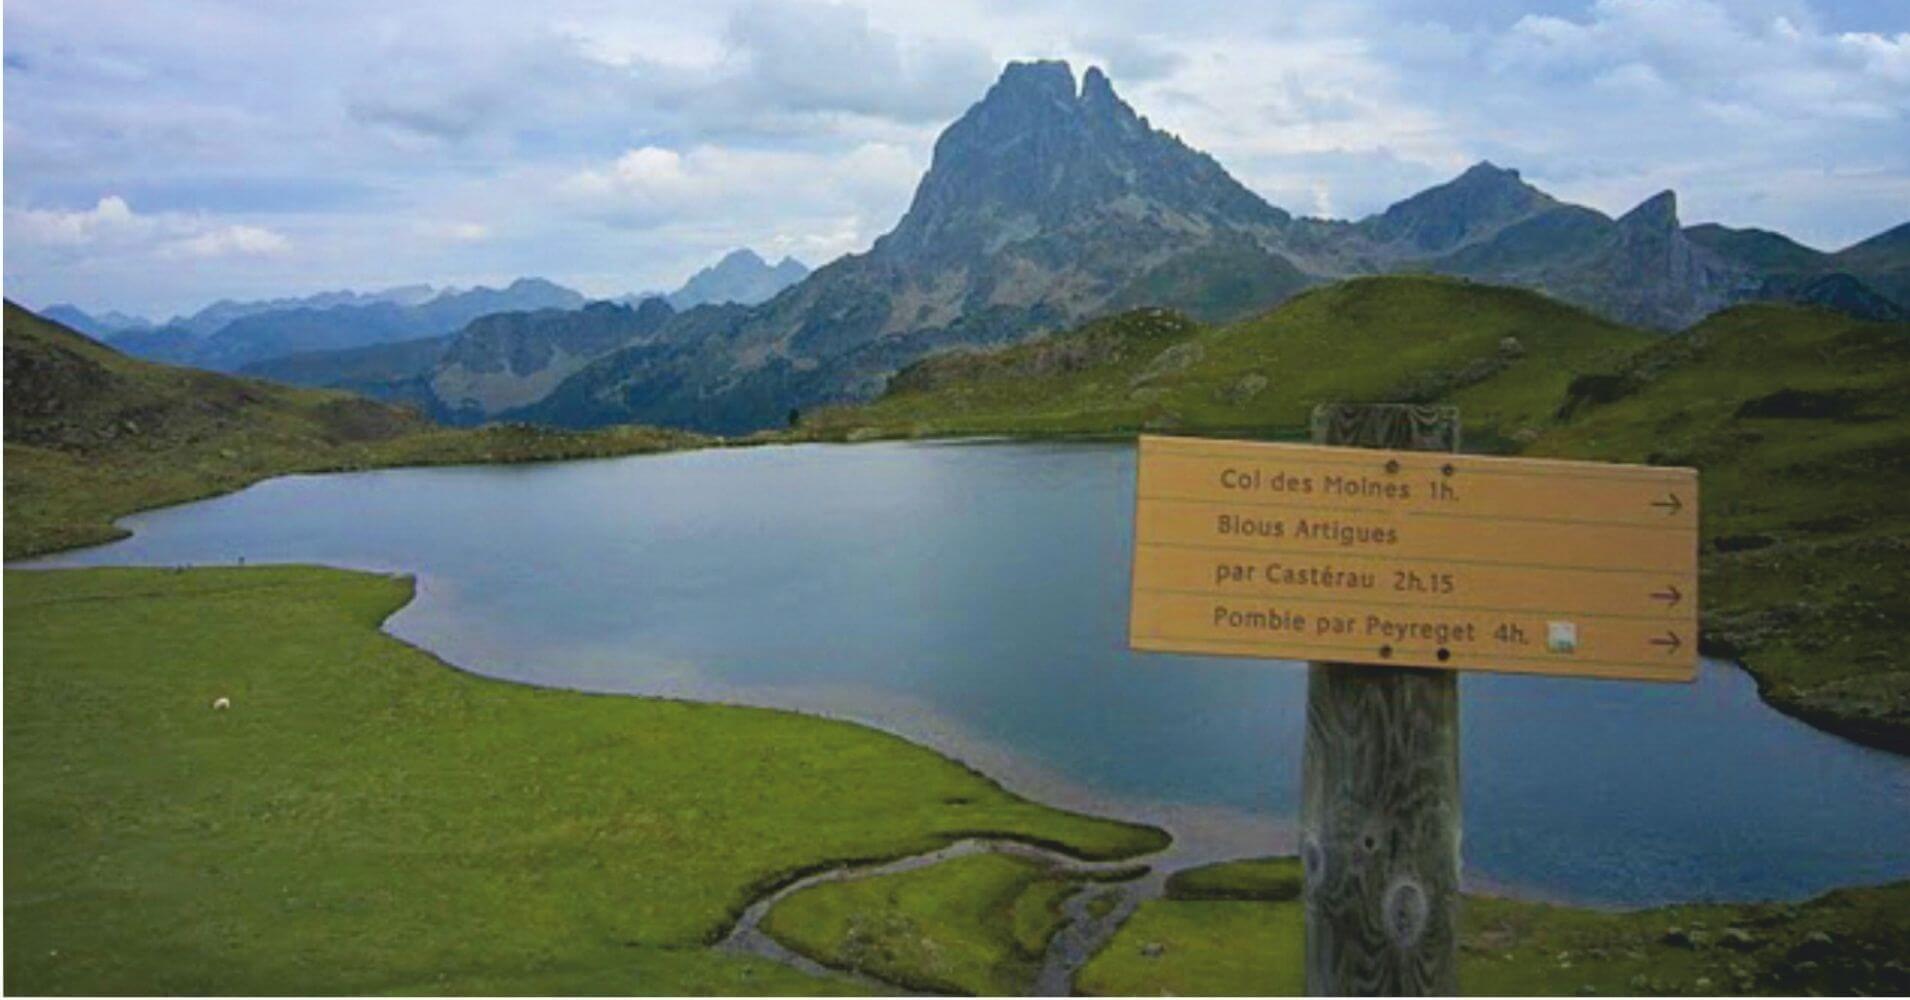 Lagos de Ayous. Lago Bersau y Lago Gentau. Etsaut, Pirineos Atlánticos. Nueva Aquitania en Francia.